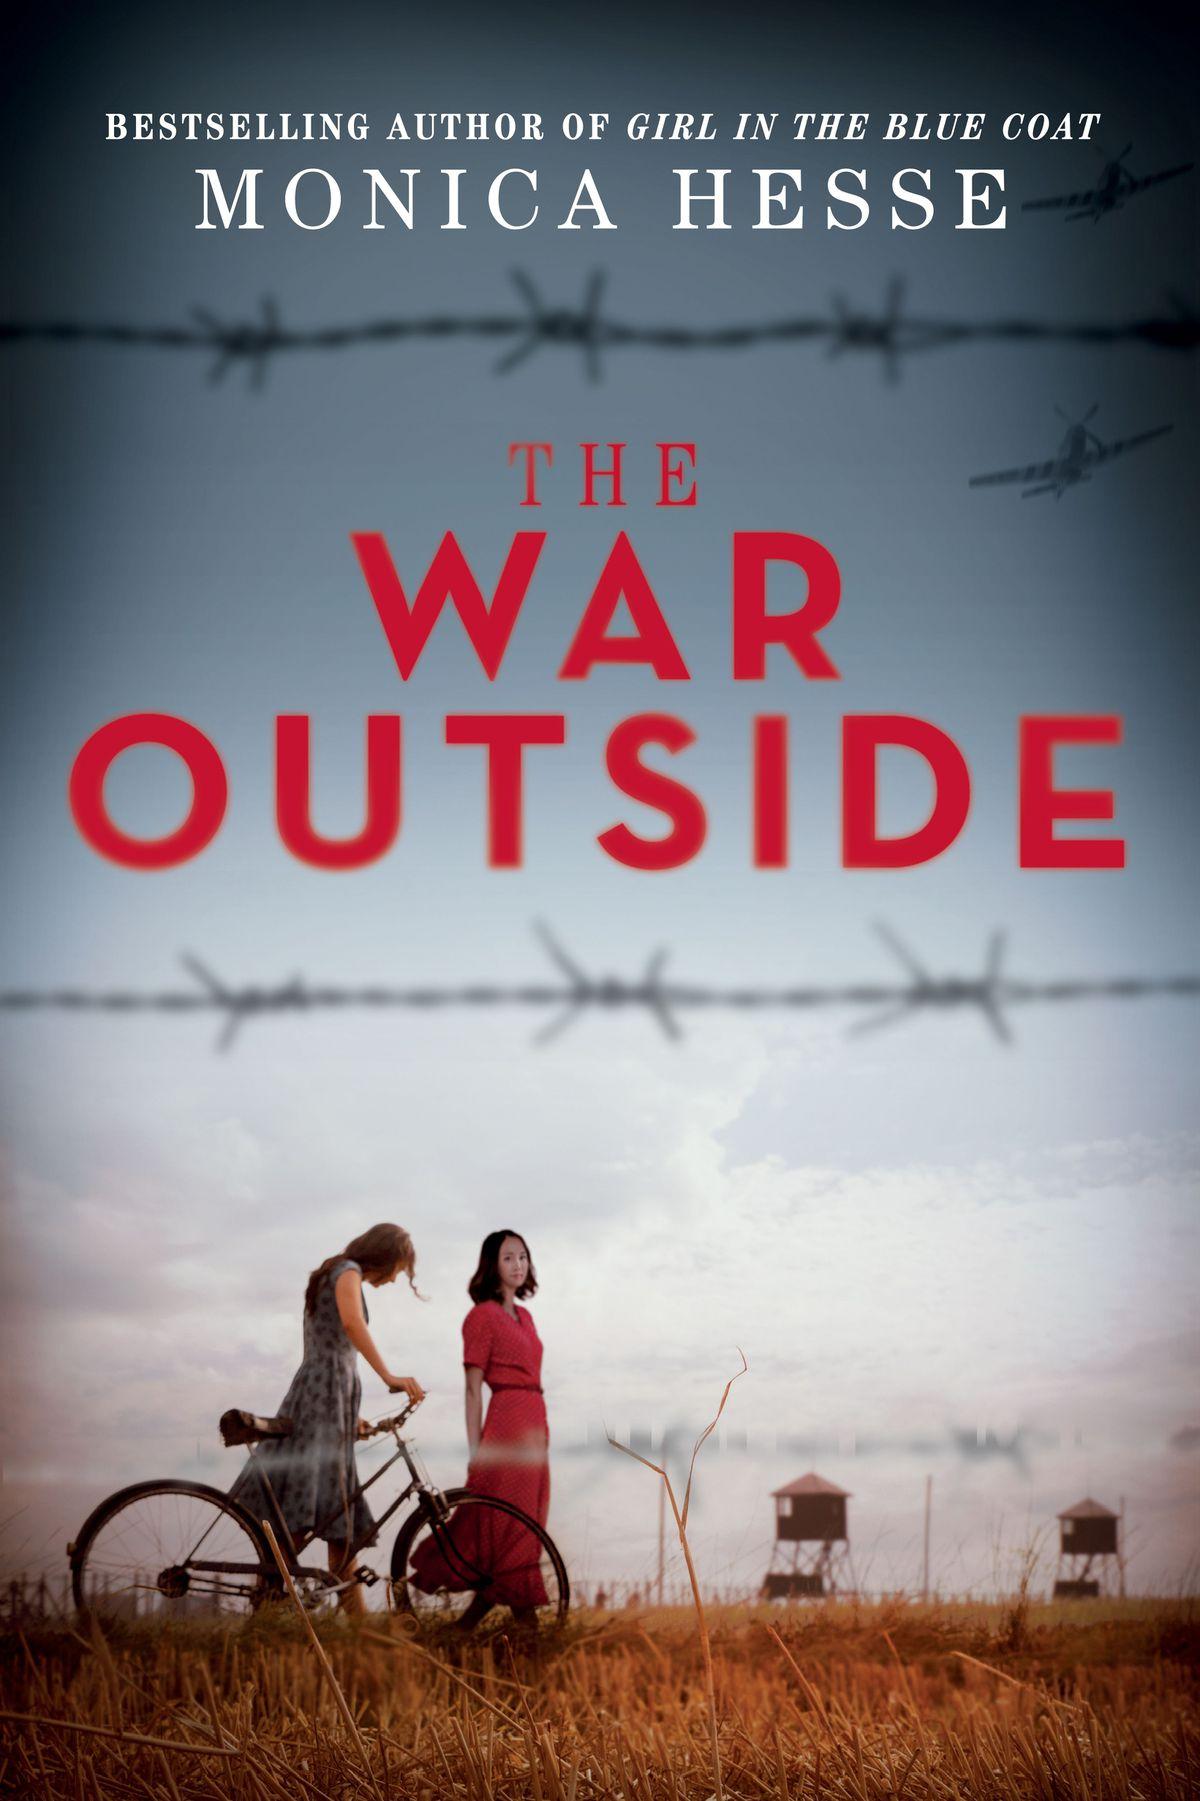 The War Outside.jpg